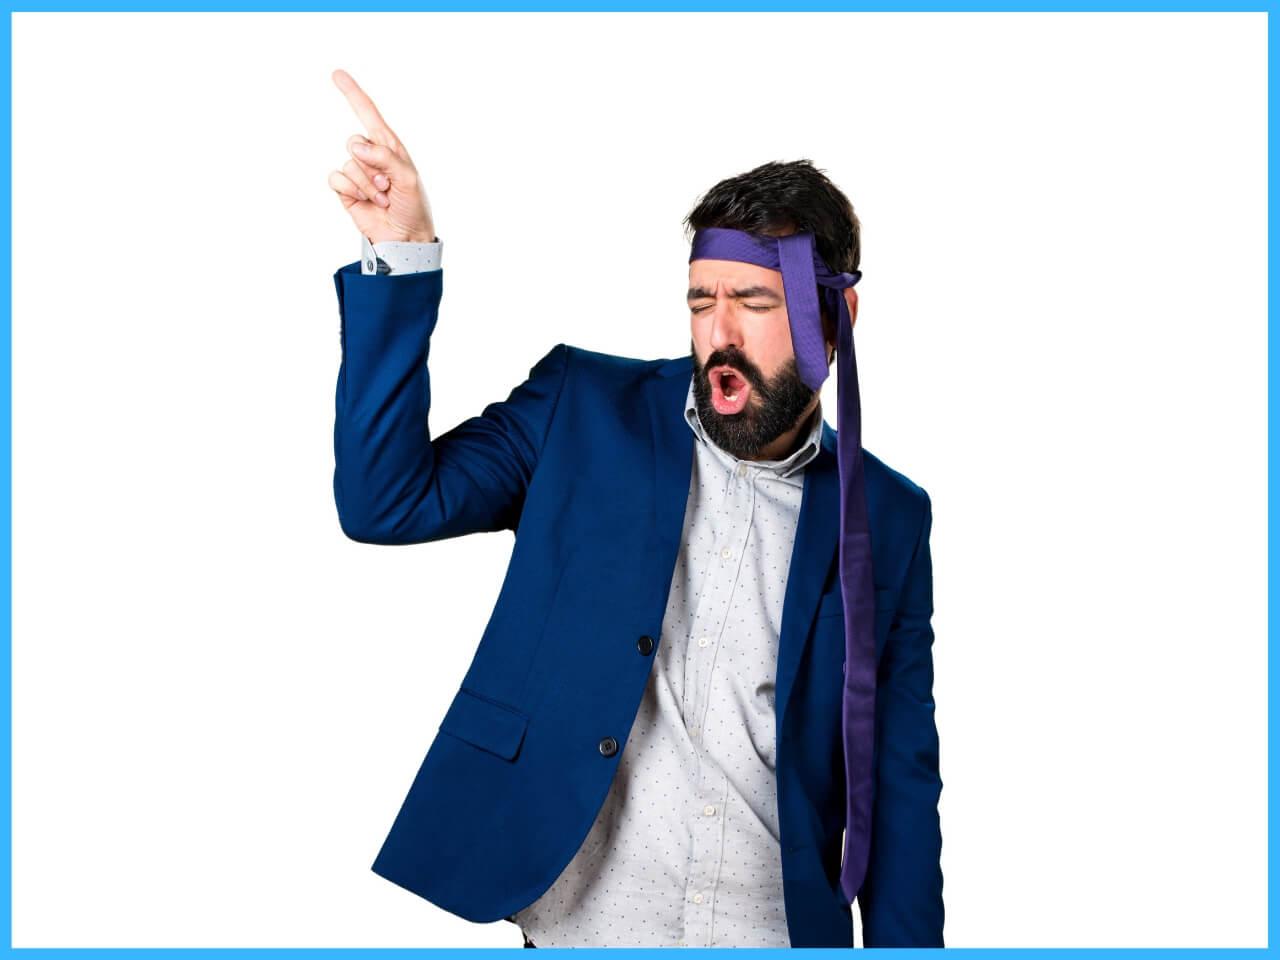 酔って額にネクタイを巻く男性